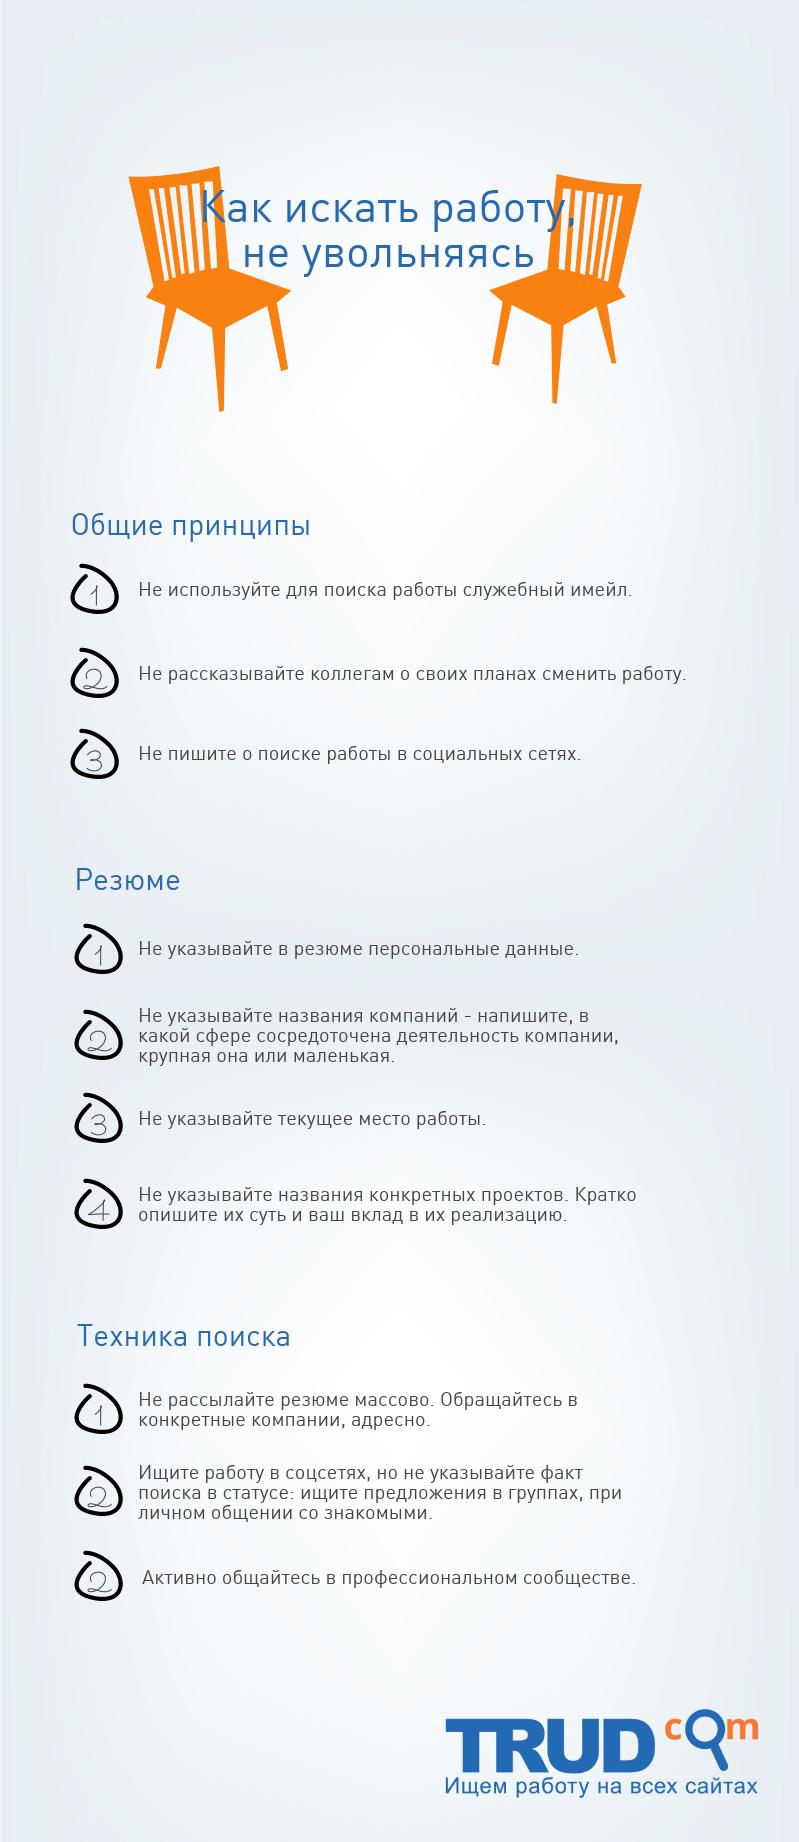 """Инфографика на тему """"Как искать работу, не увольняясь"""""""